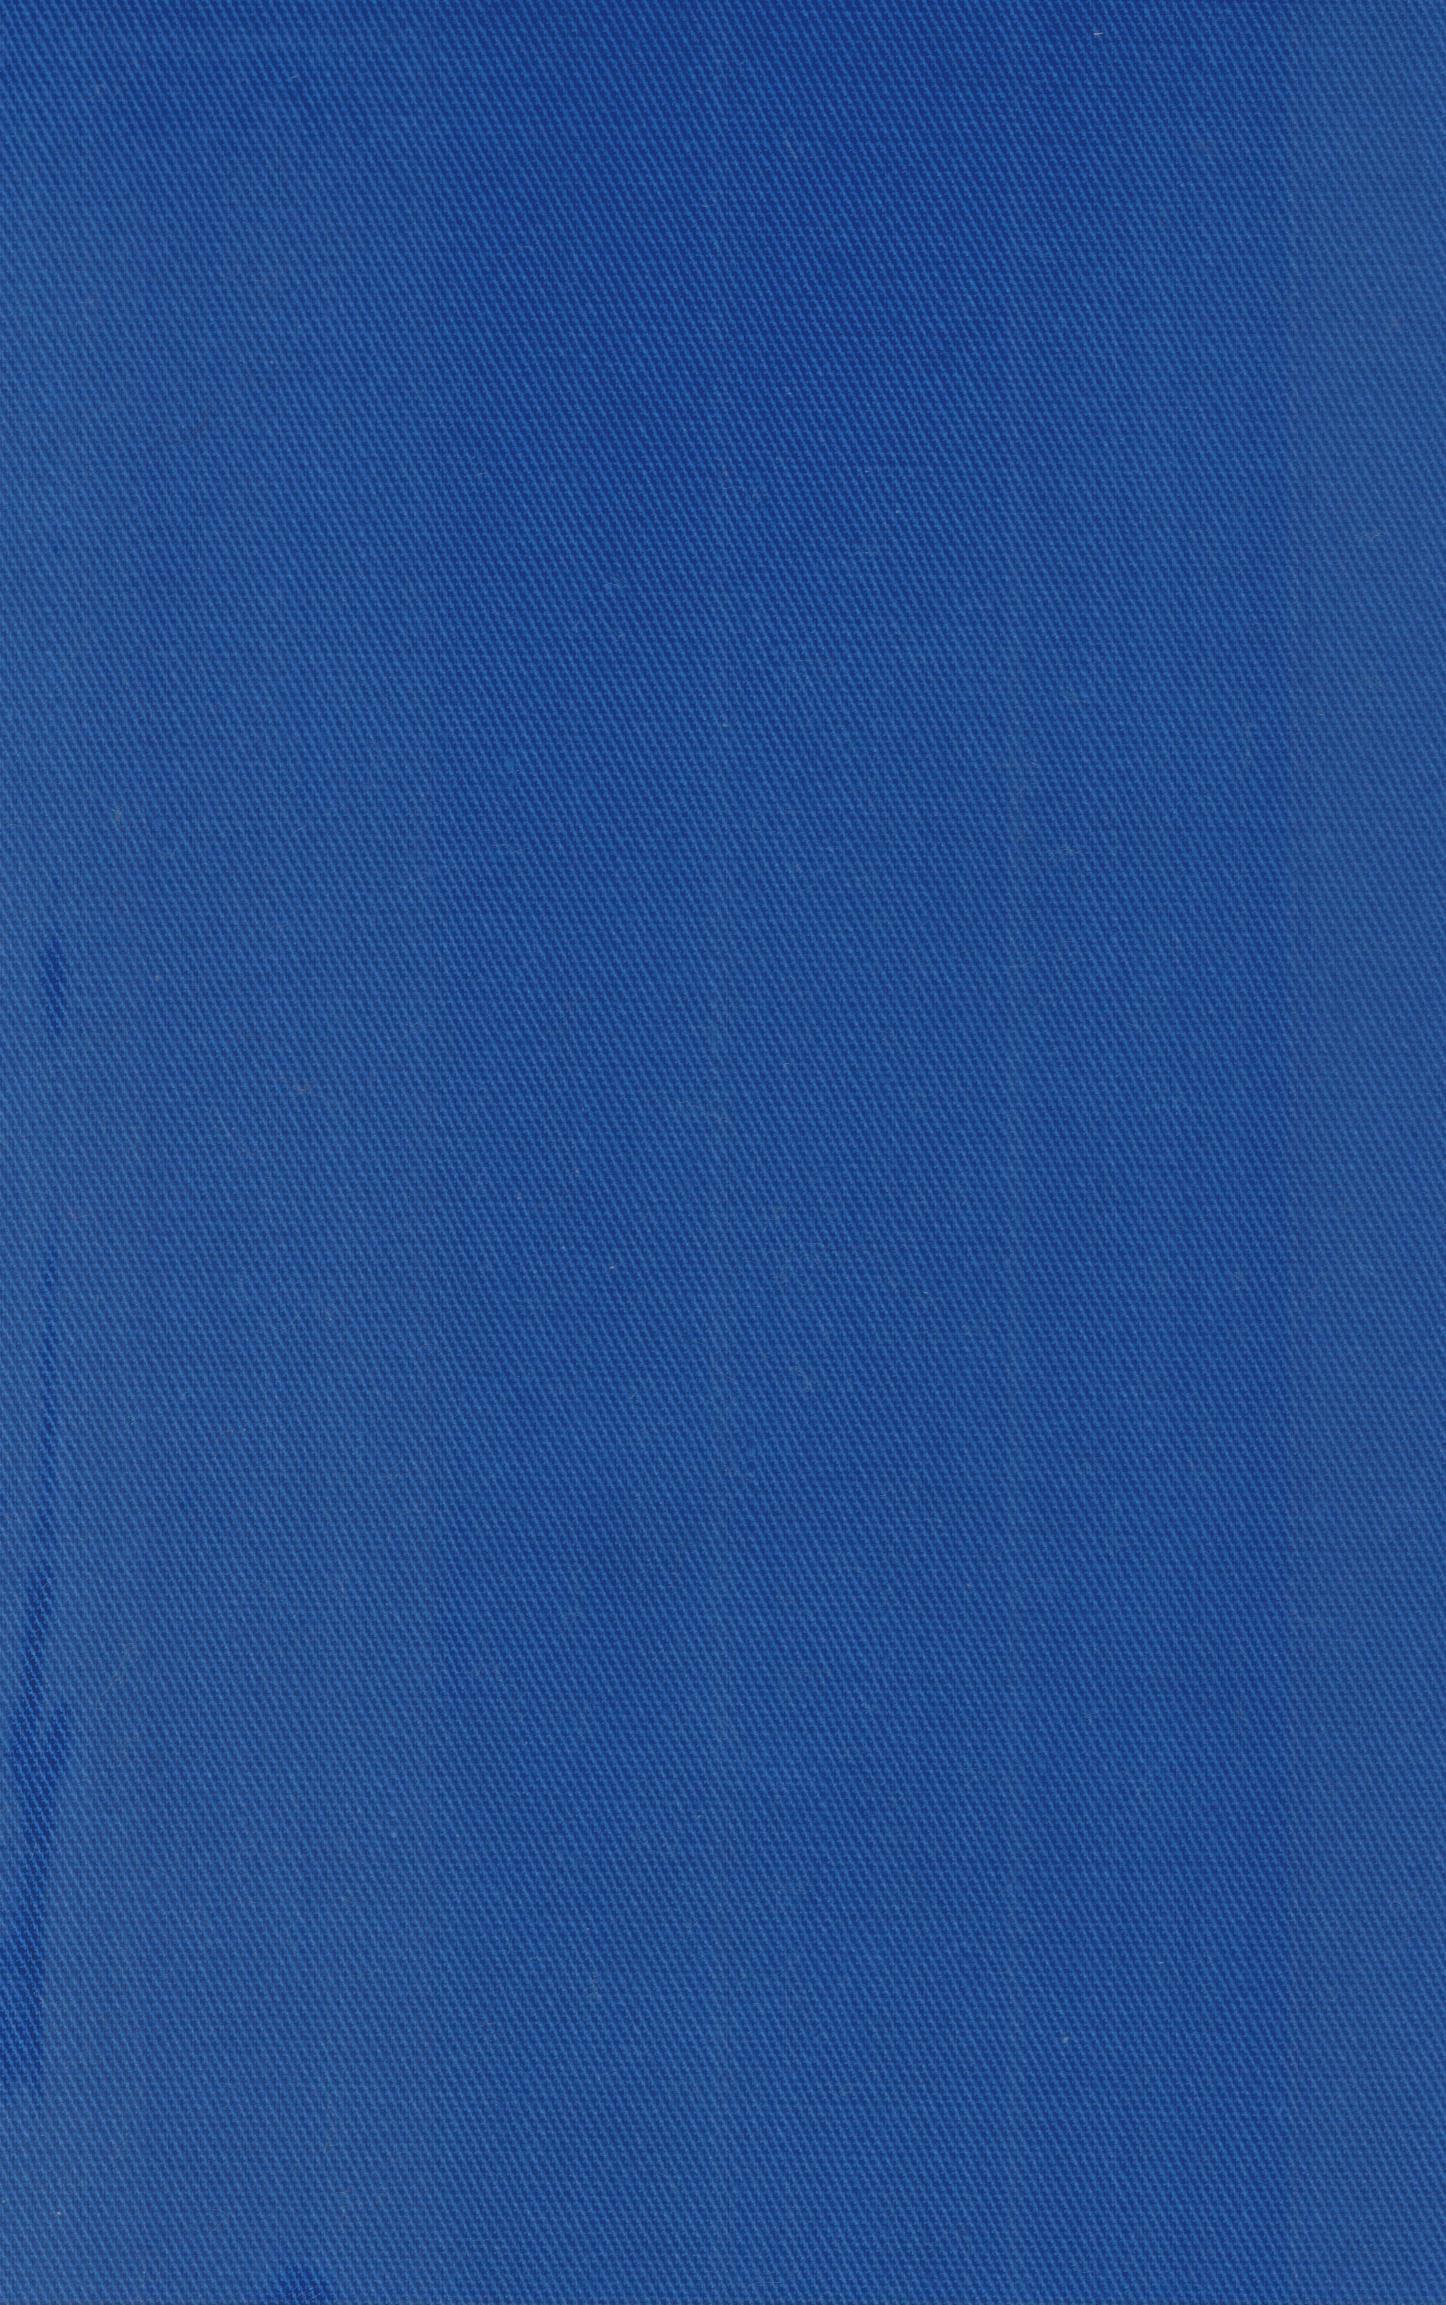 Sarga Azul Electrico